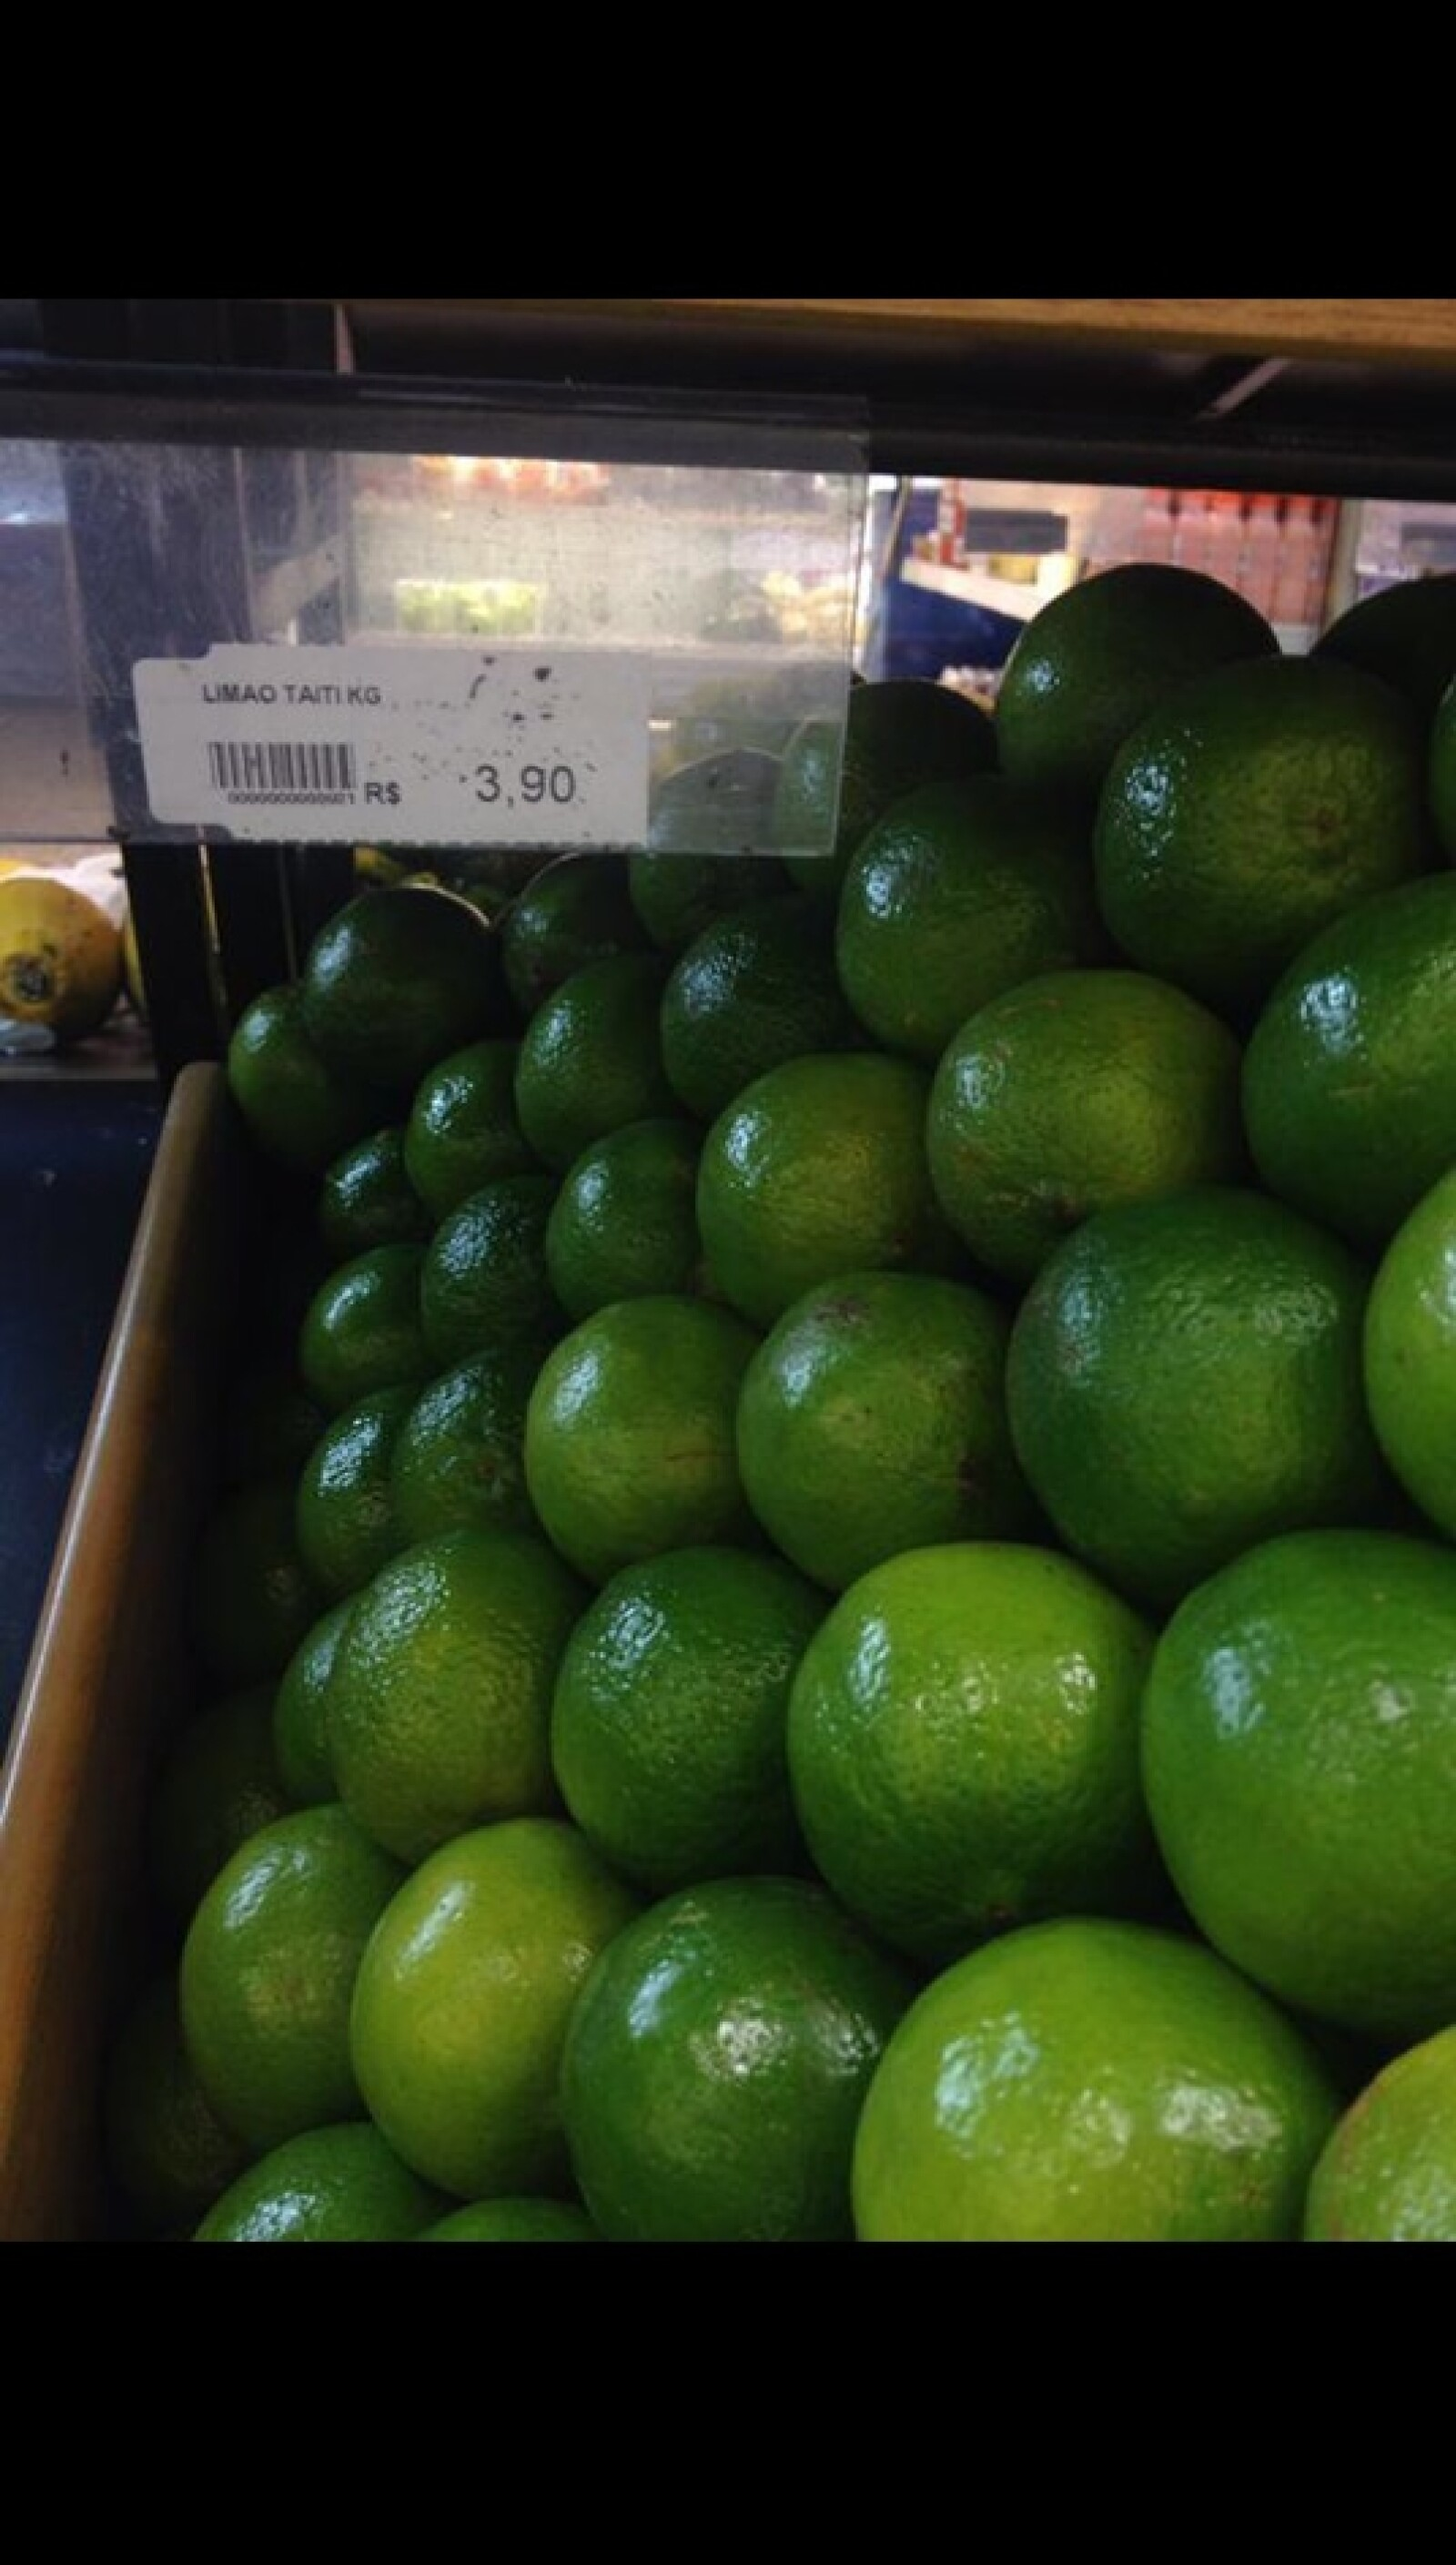 En Brasil, un importante exportador de limón como México, el kilo se vende a 3.90